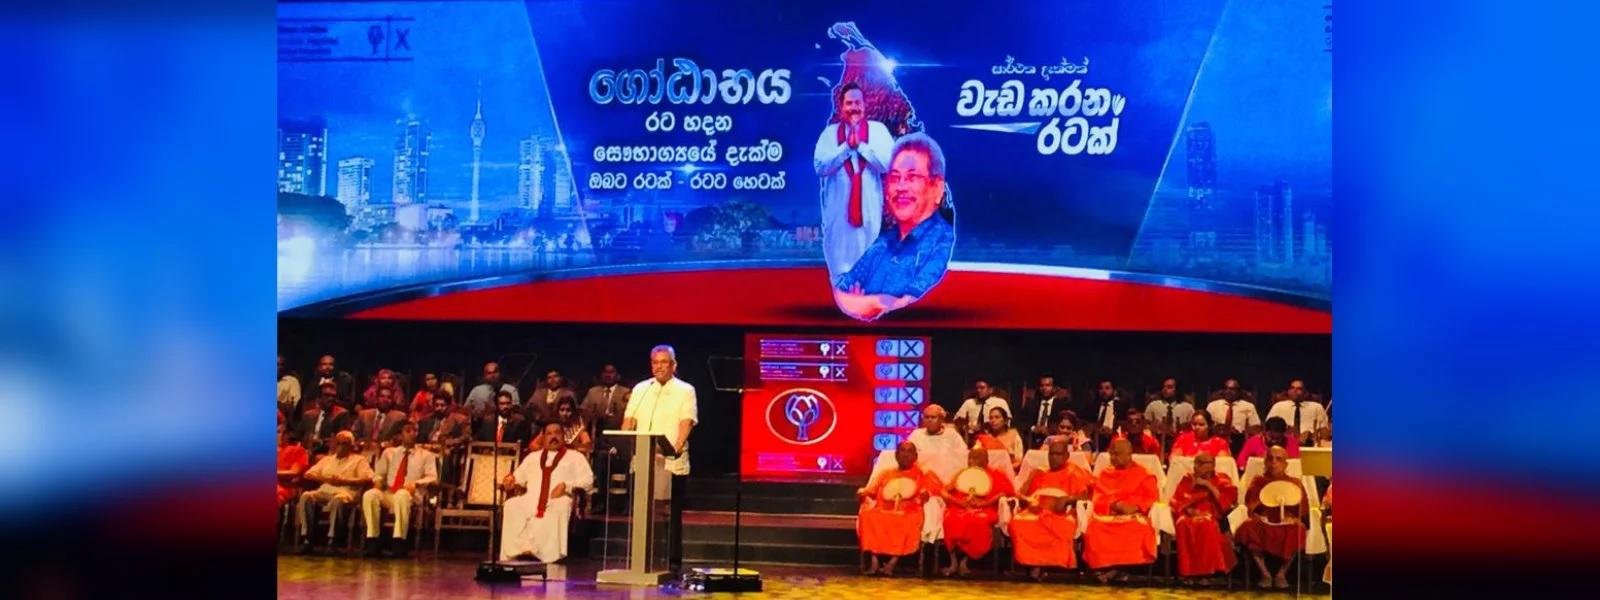 கோட்டாபய ராஜபக்ஸவின் தேர்தல் விஞ்ஞாபனம் வௌியீடு